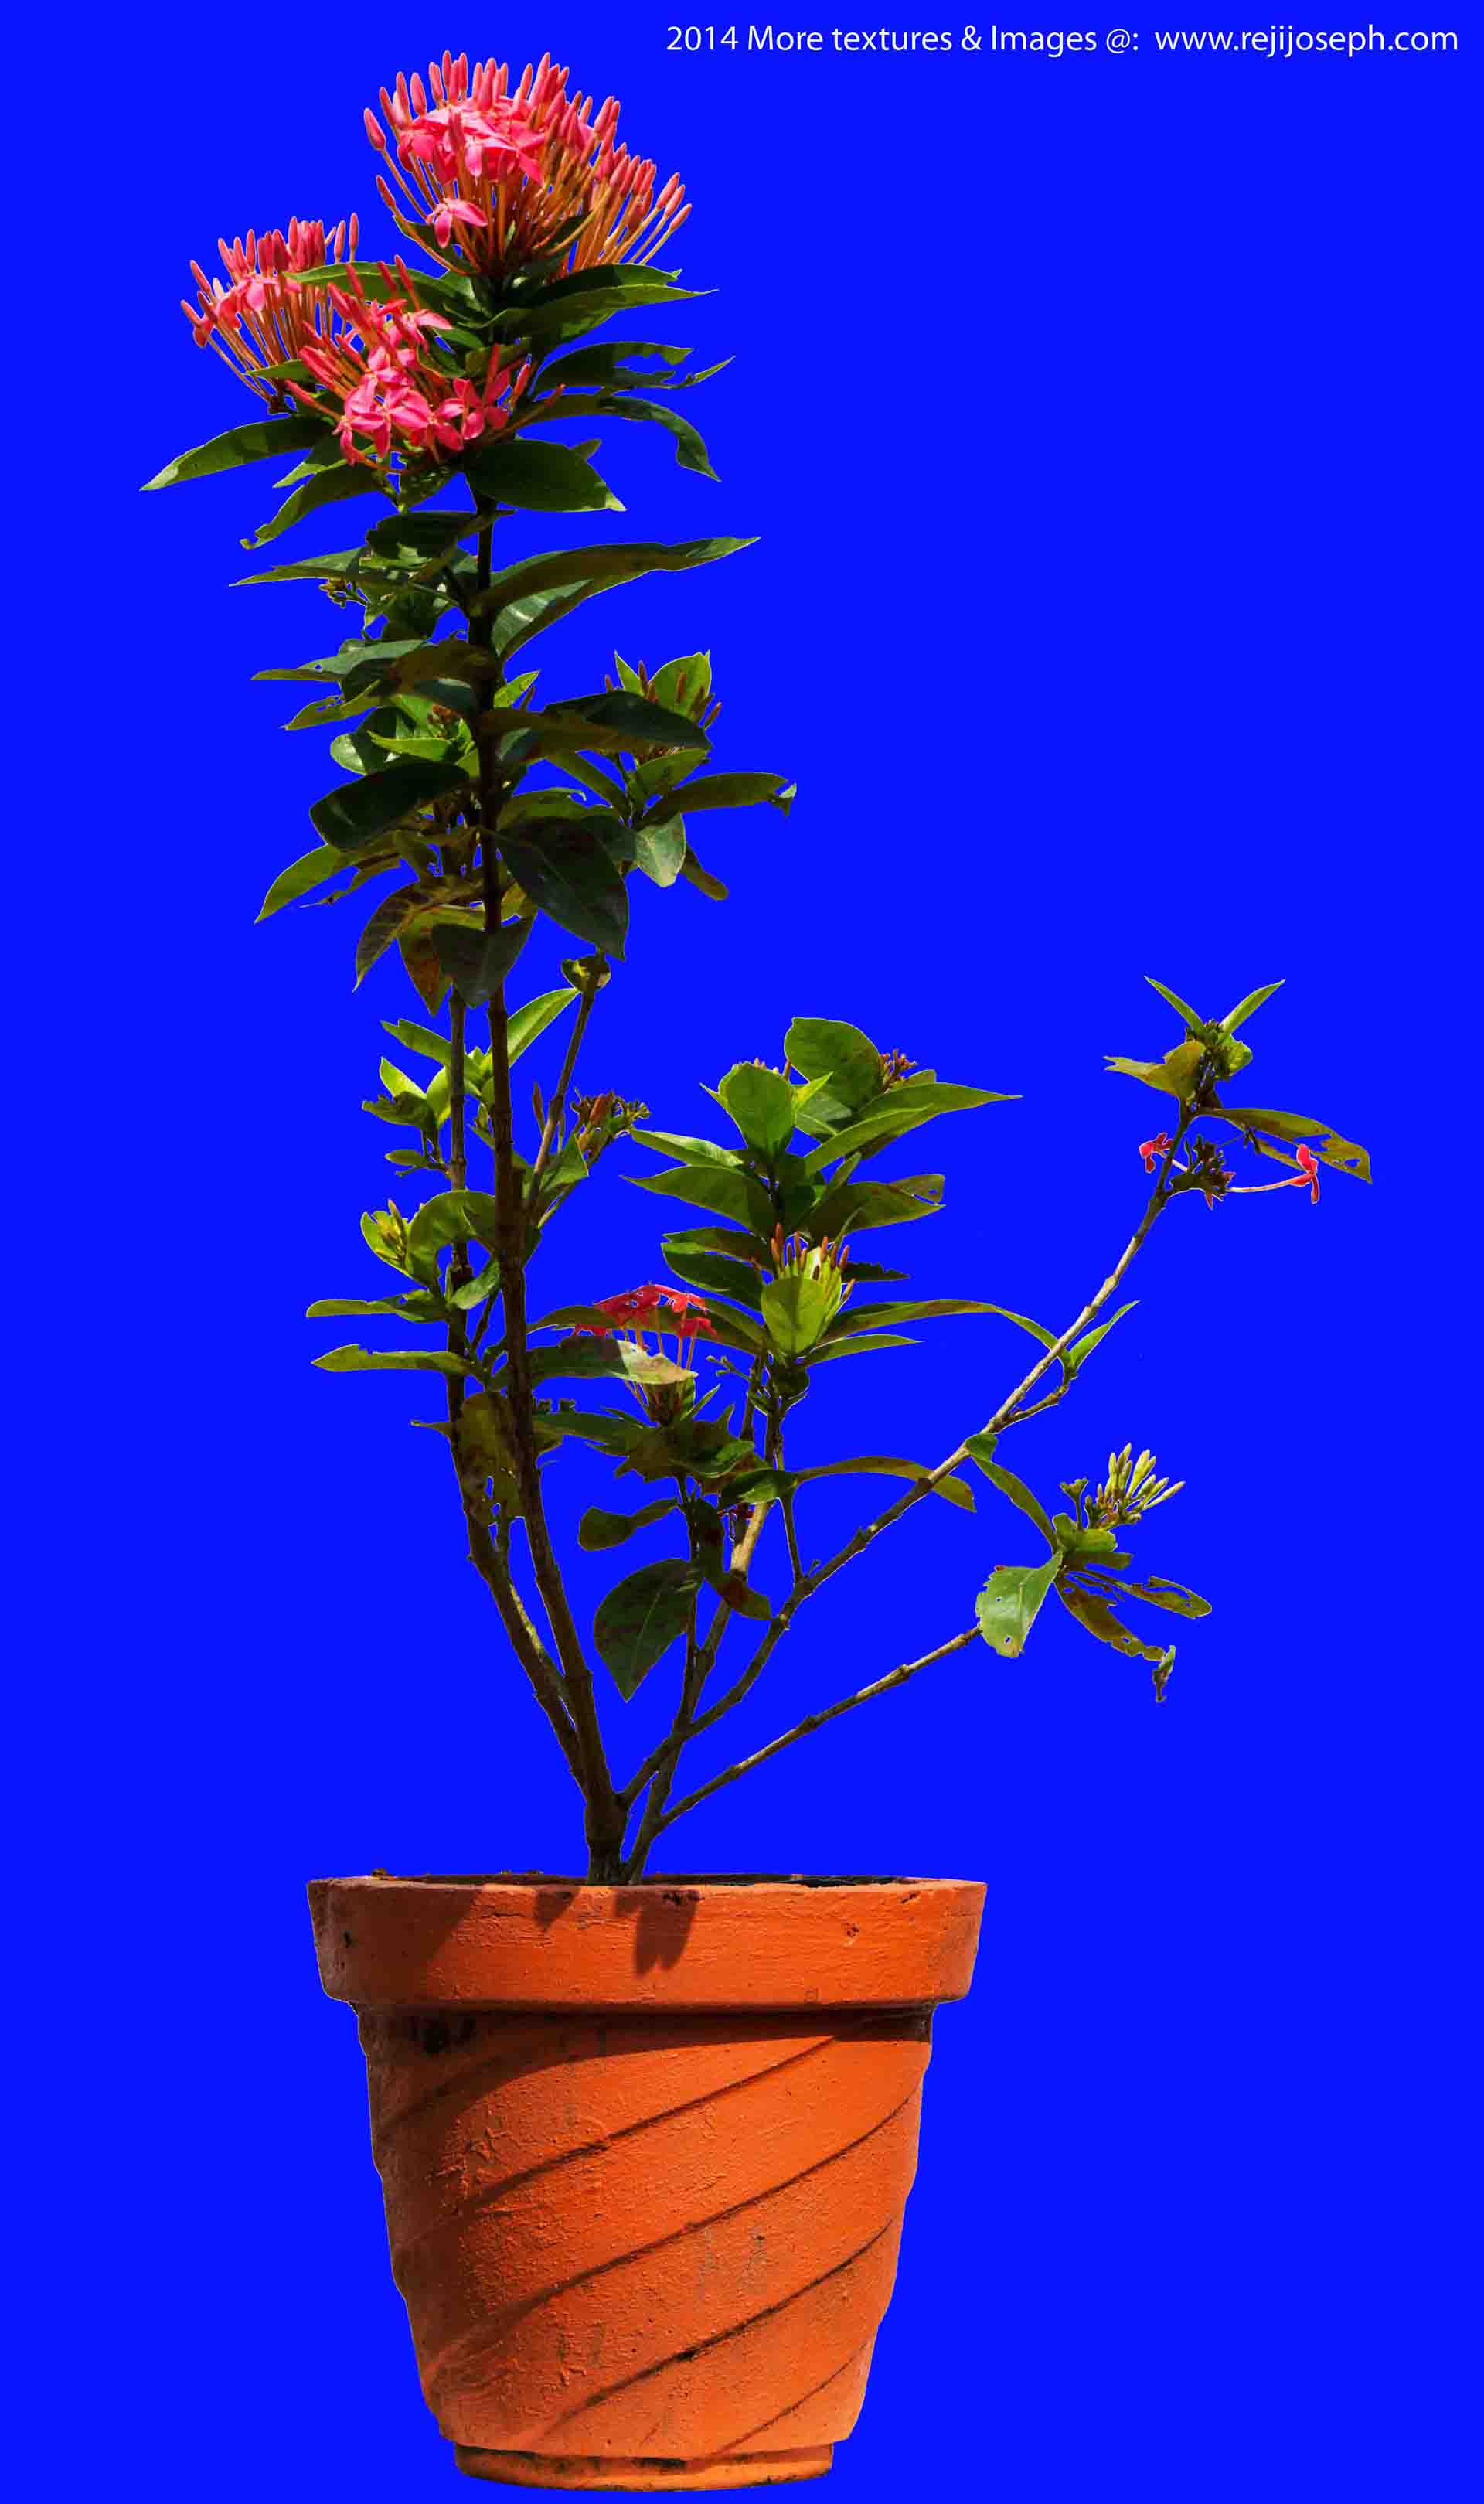 Ixora Coccinea Garden plants texture 00005